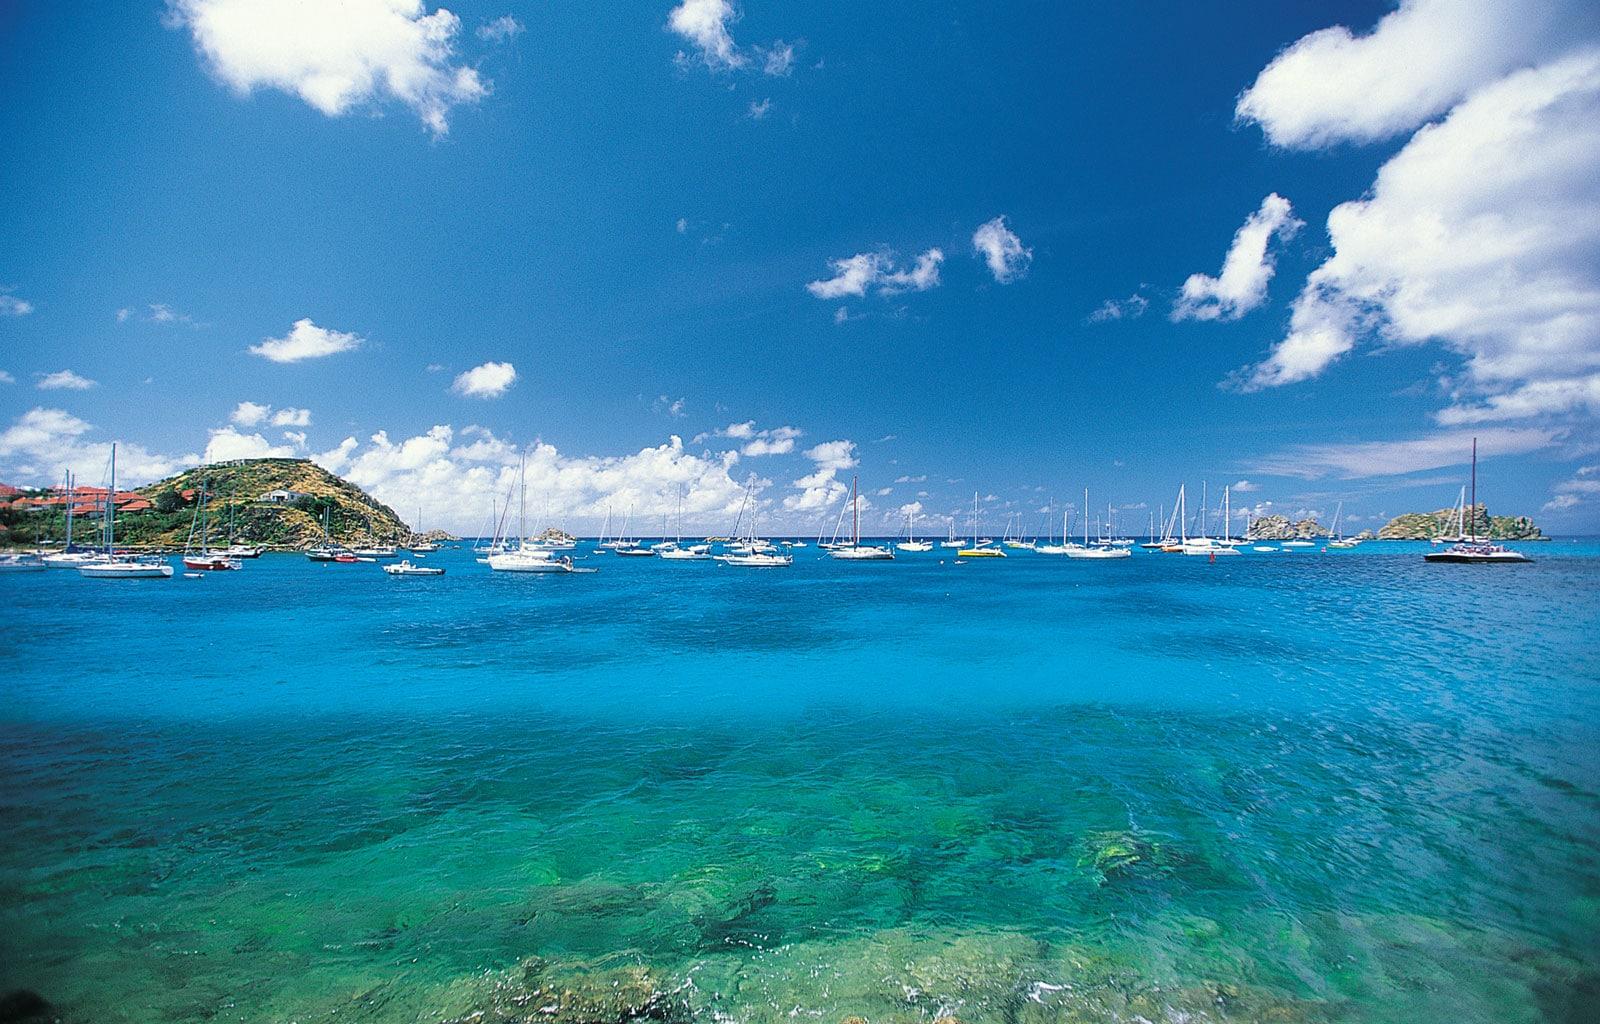 Aceste ape cristaline sunt unul dintre motivele pentru care turiștii se află pe insulă